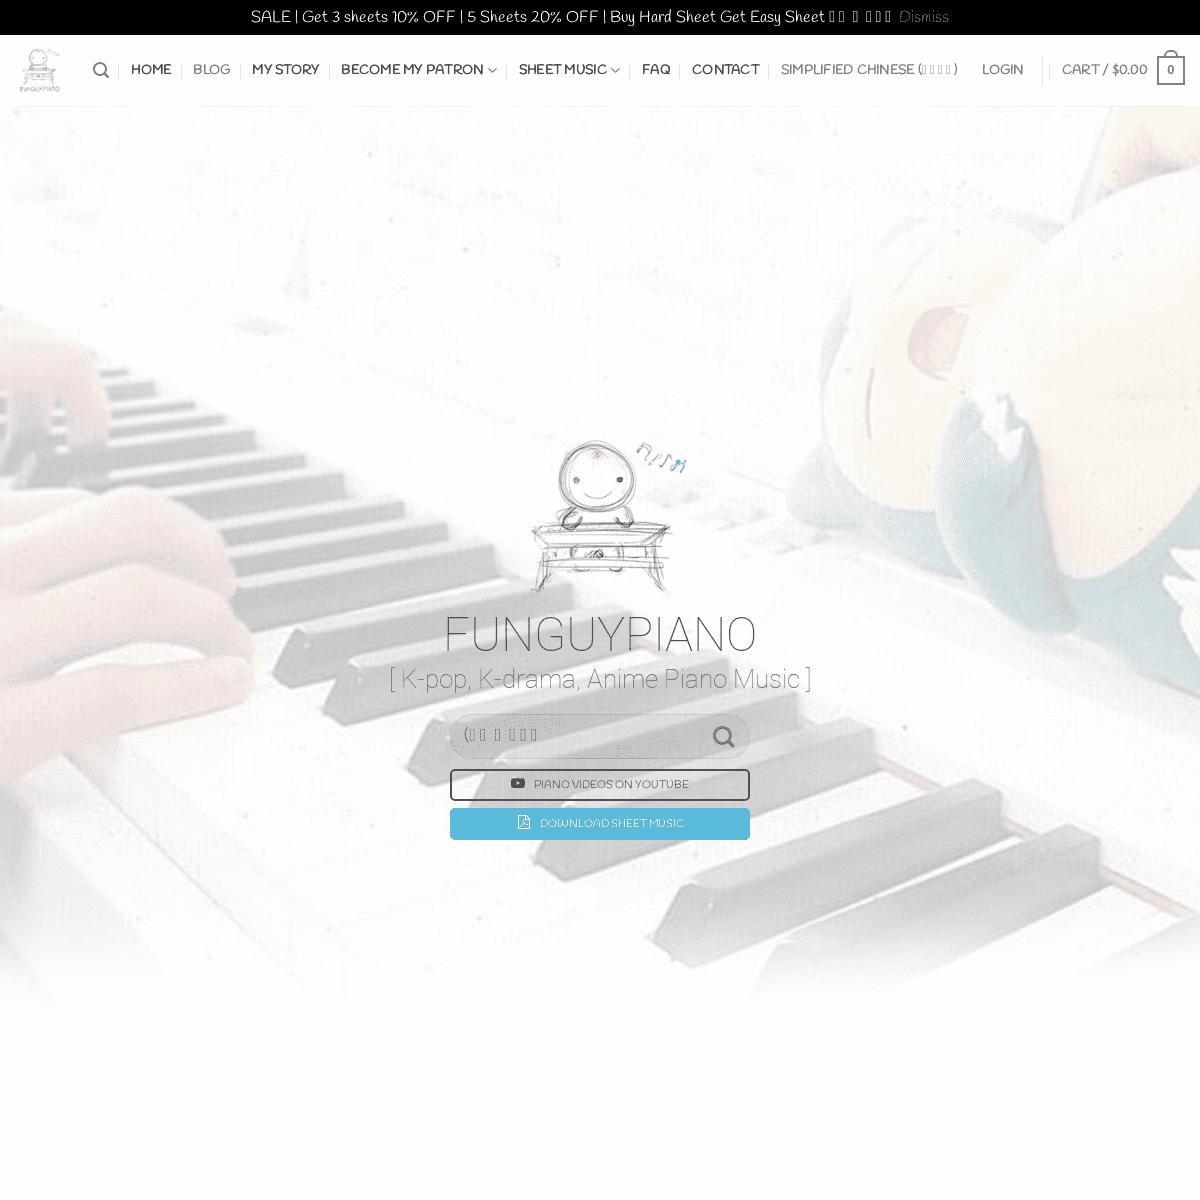 Funguypiano - K-pop, K-drama, Anime Piano Sheet